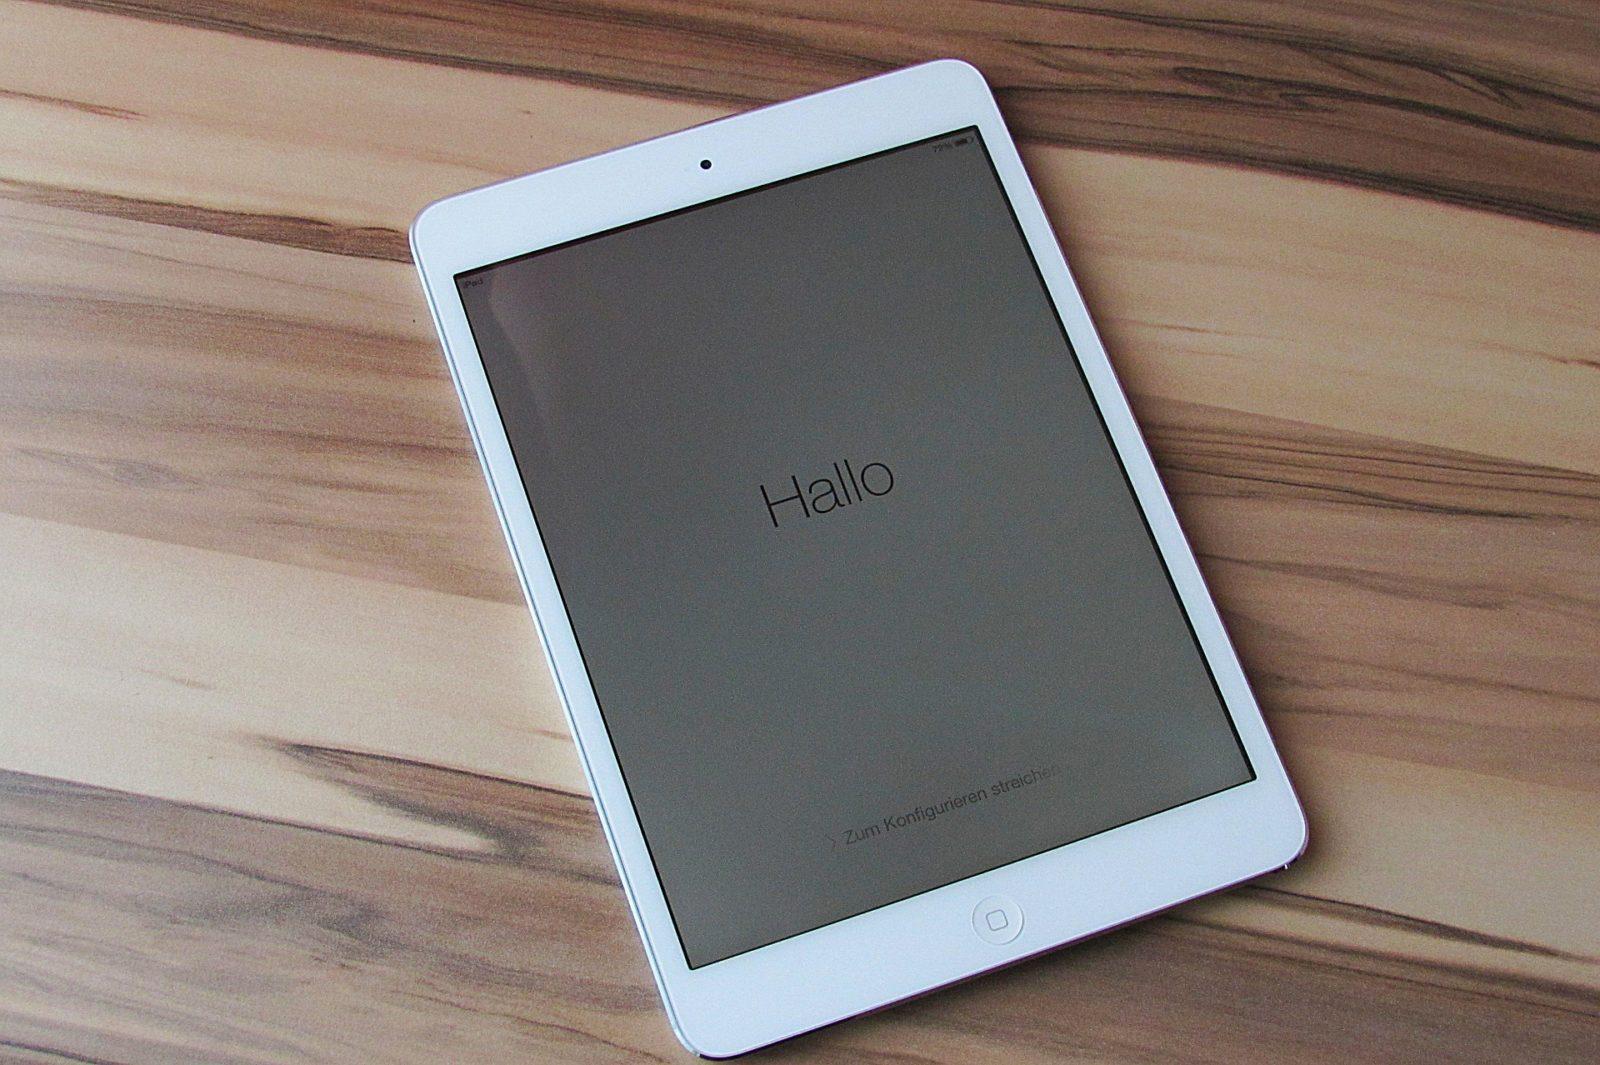 【iPad最強説】私がiPadで動画編集する理由「スマホ以上PC未満」「スキマ時間活用できる」